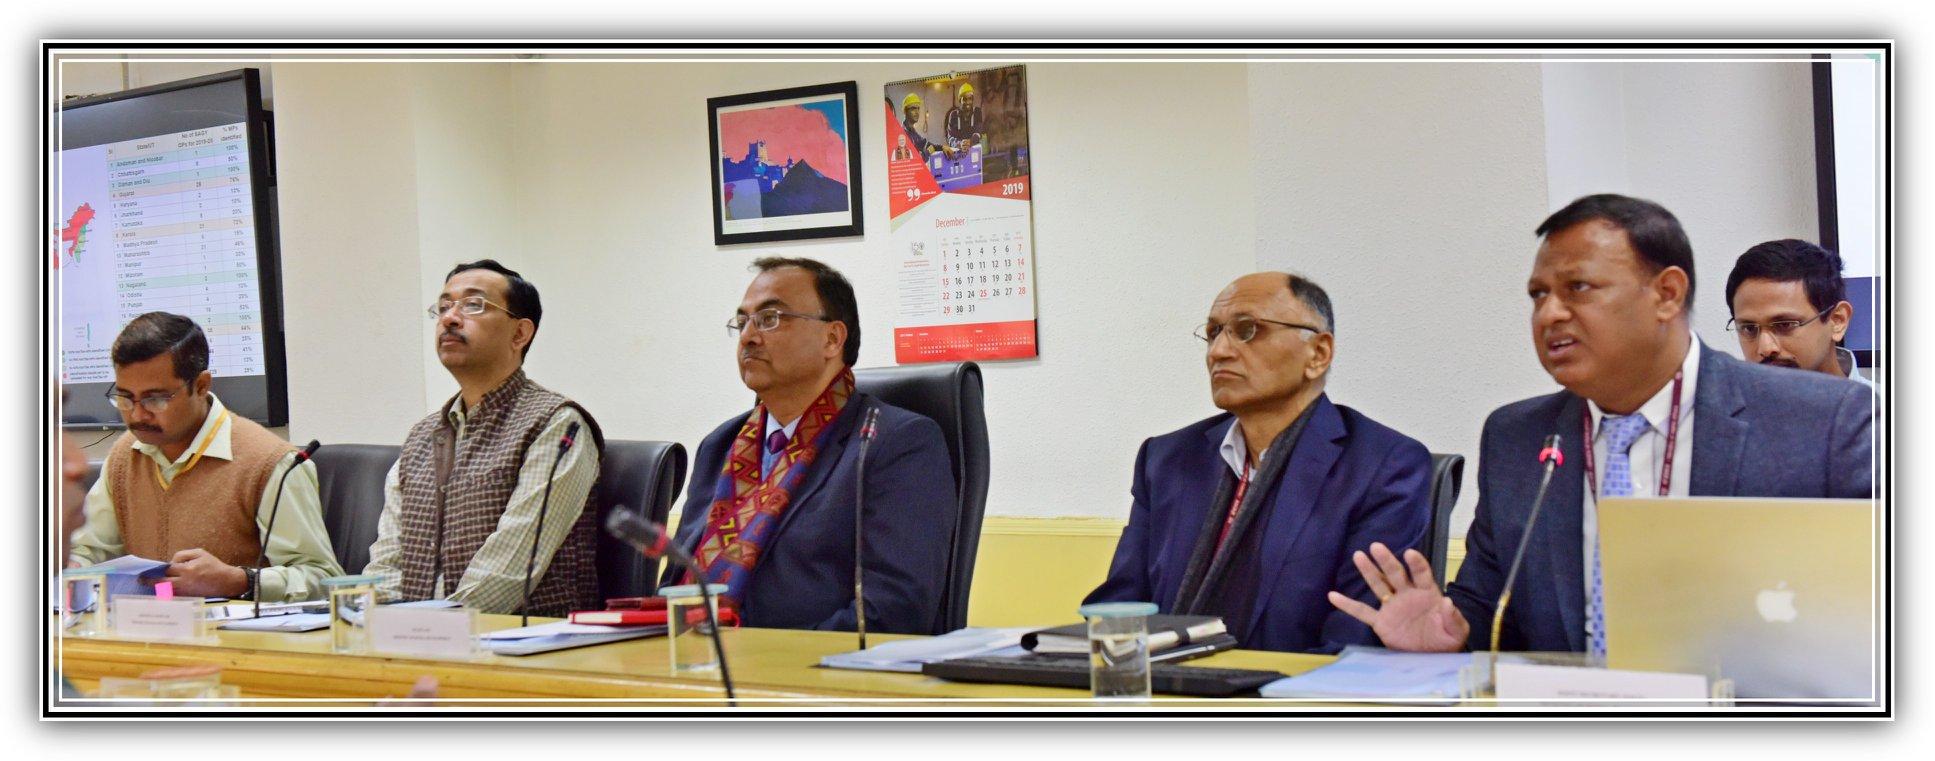 9 दिसंबर, 2019 को ग्रामीण विकास मंत्री श्री अमरजीत सिन्हा की अध्यक्षता में राष्ट्रीय स्तर की समिति की बैठक।